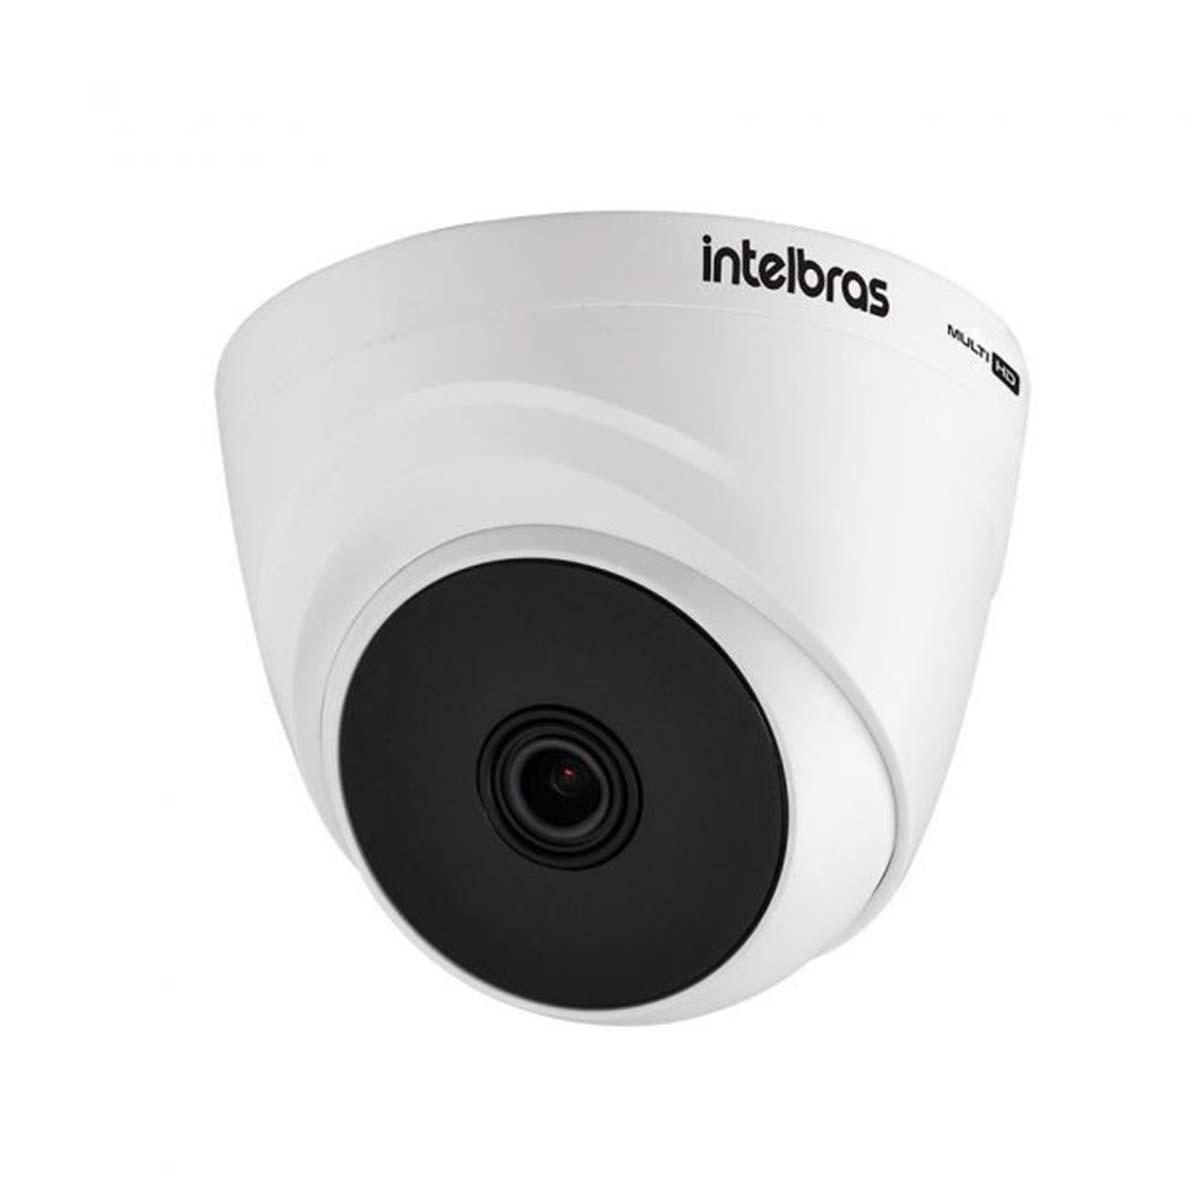 Kit 03 Câmera Dome Intelbras Vhd 1120 D G6 720p 2,8mm